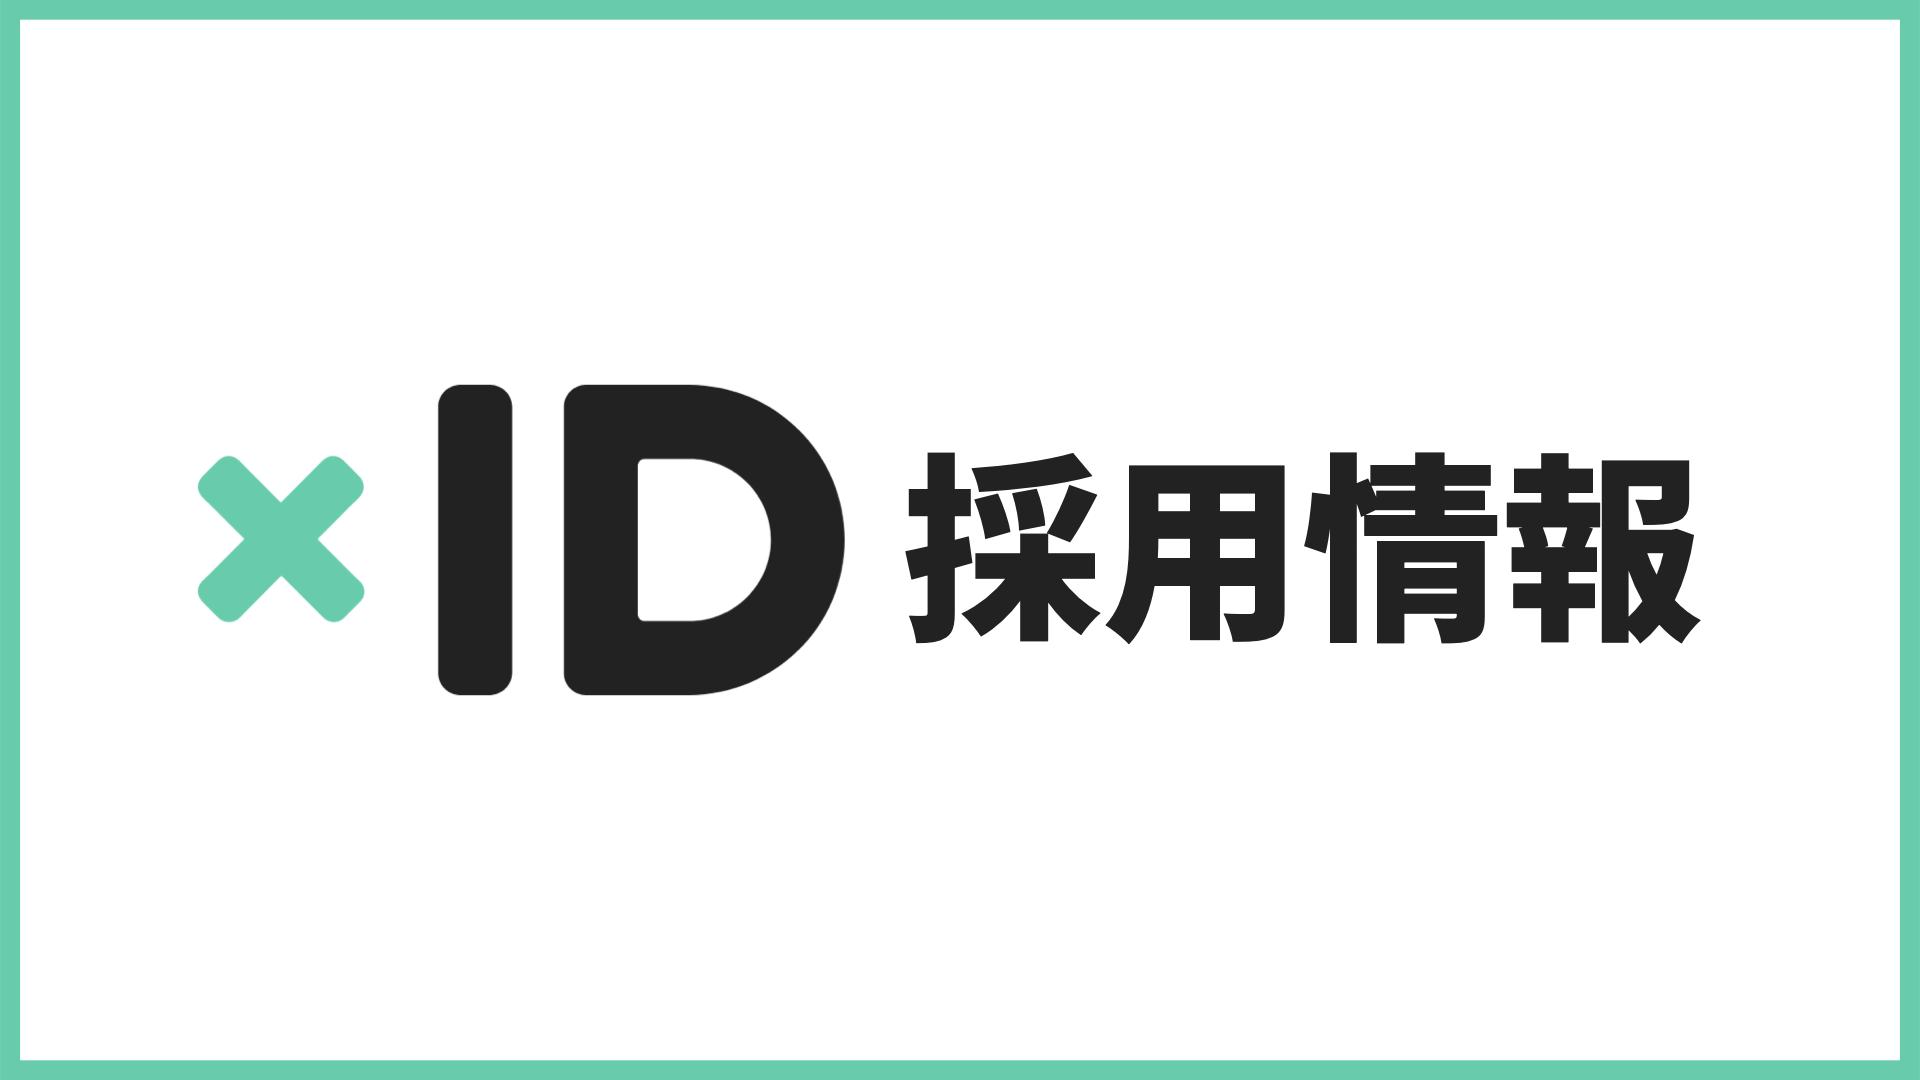 xid_recruit